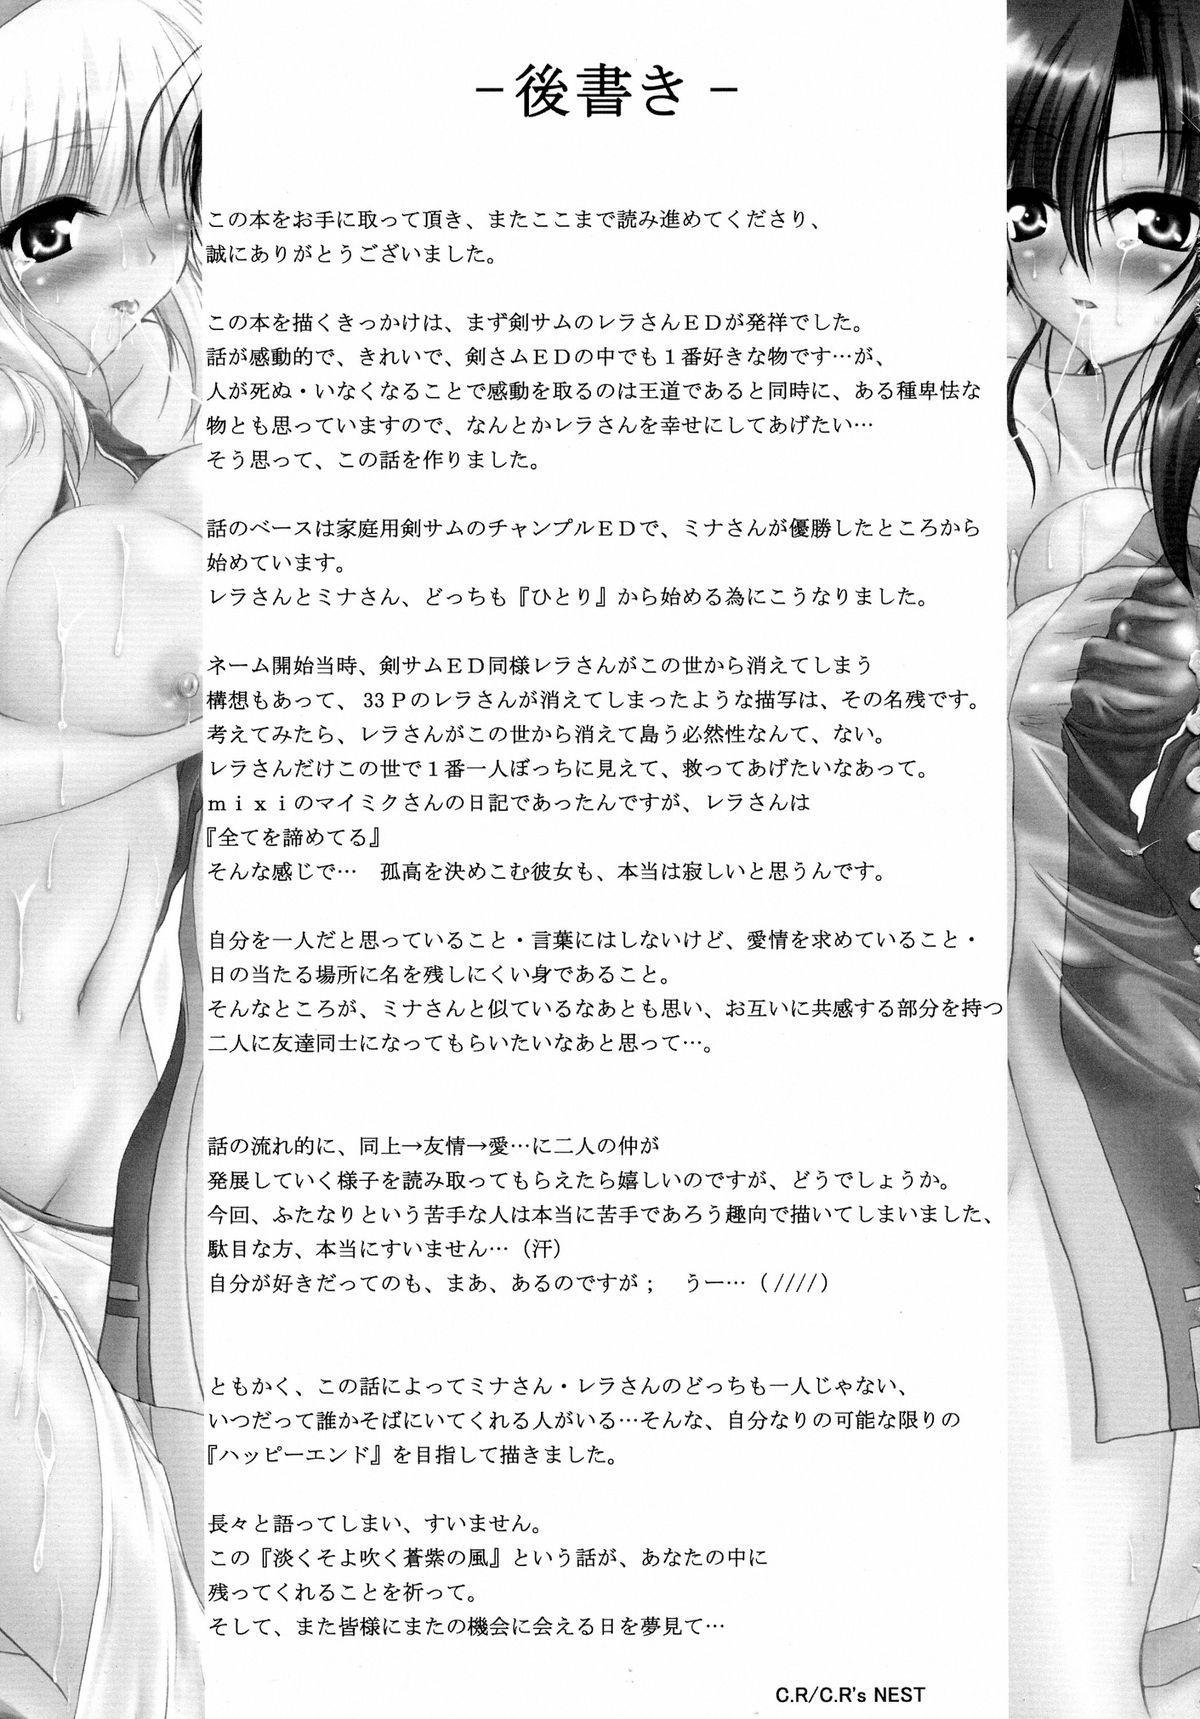 Awaku Soyofuku Ao Murasaki no Kaze 51